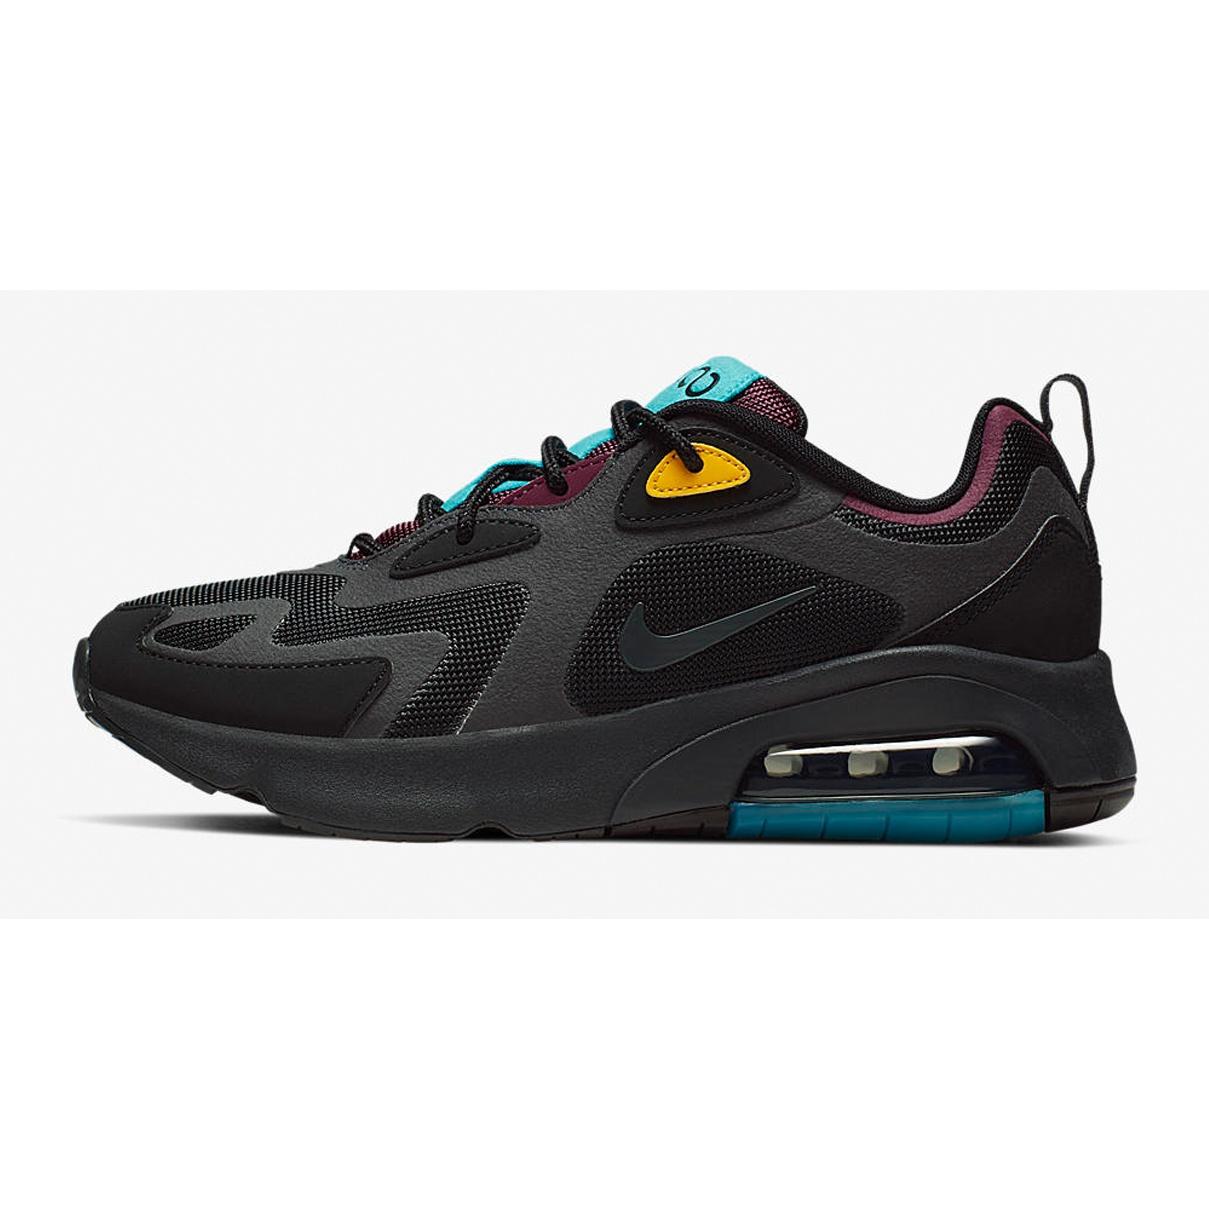 فروش                     کفش مخصوص پیاده روی مردانه نایکی مدل Air max 200